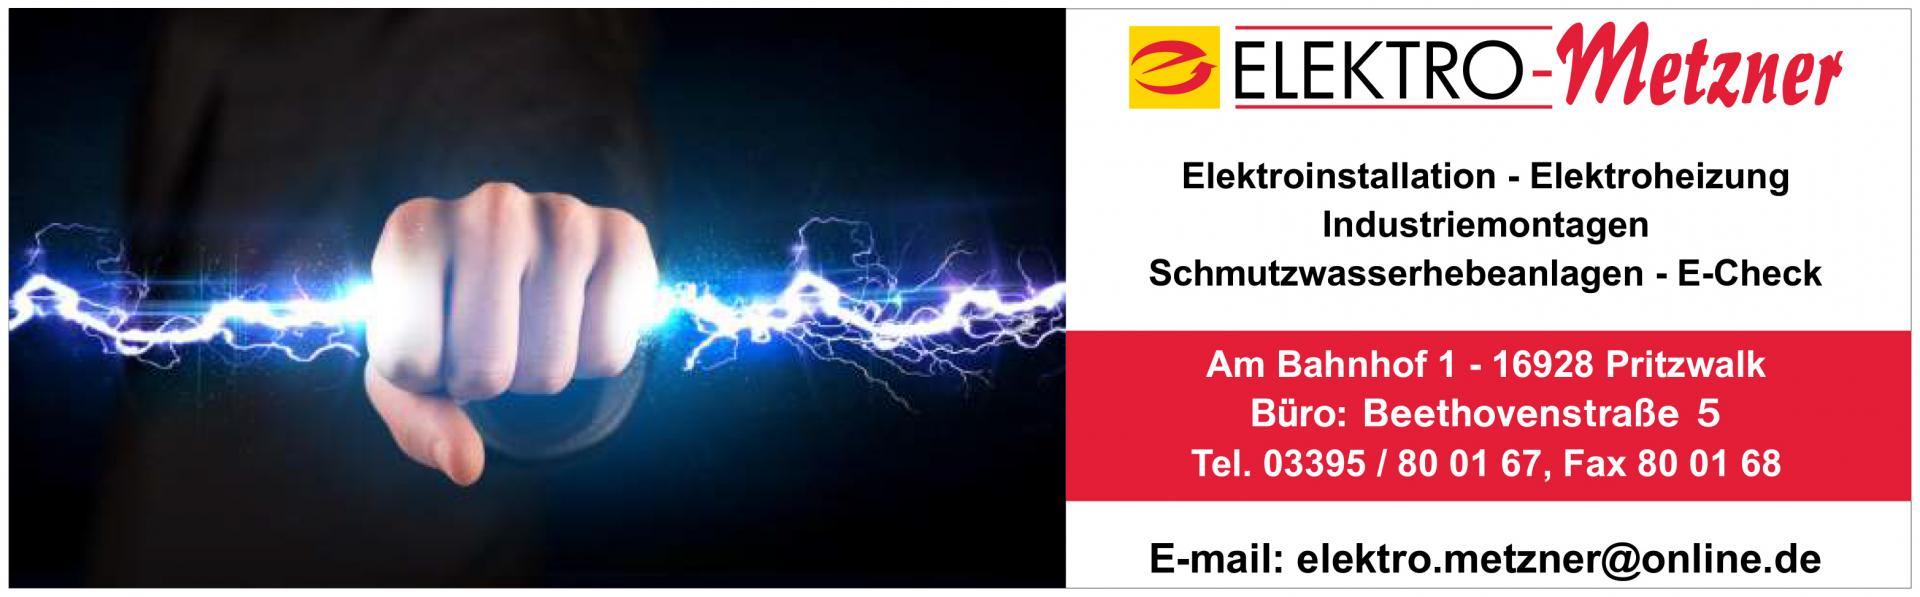 Elektro Metzner